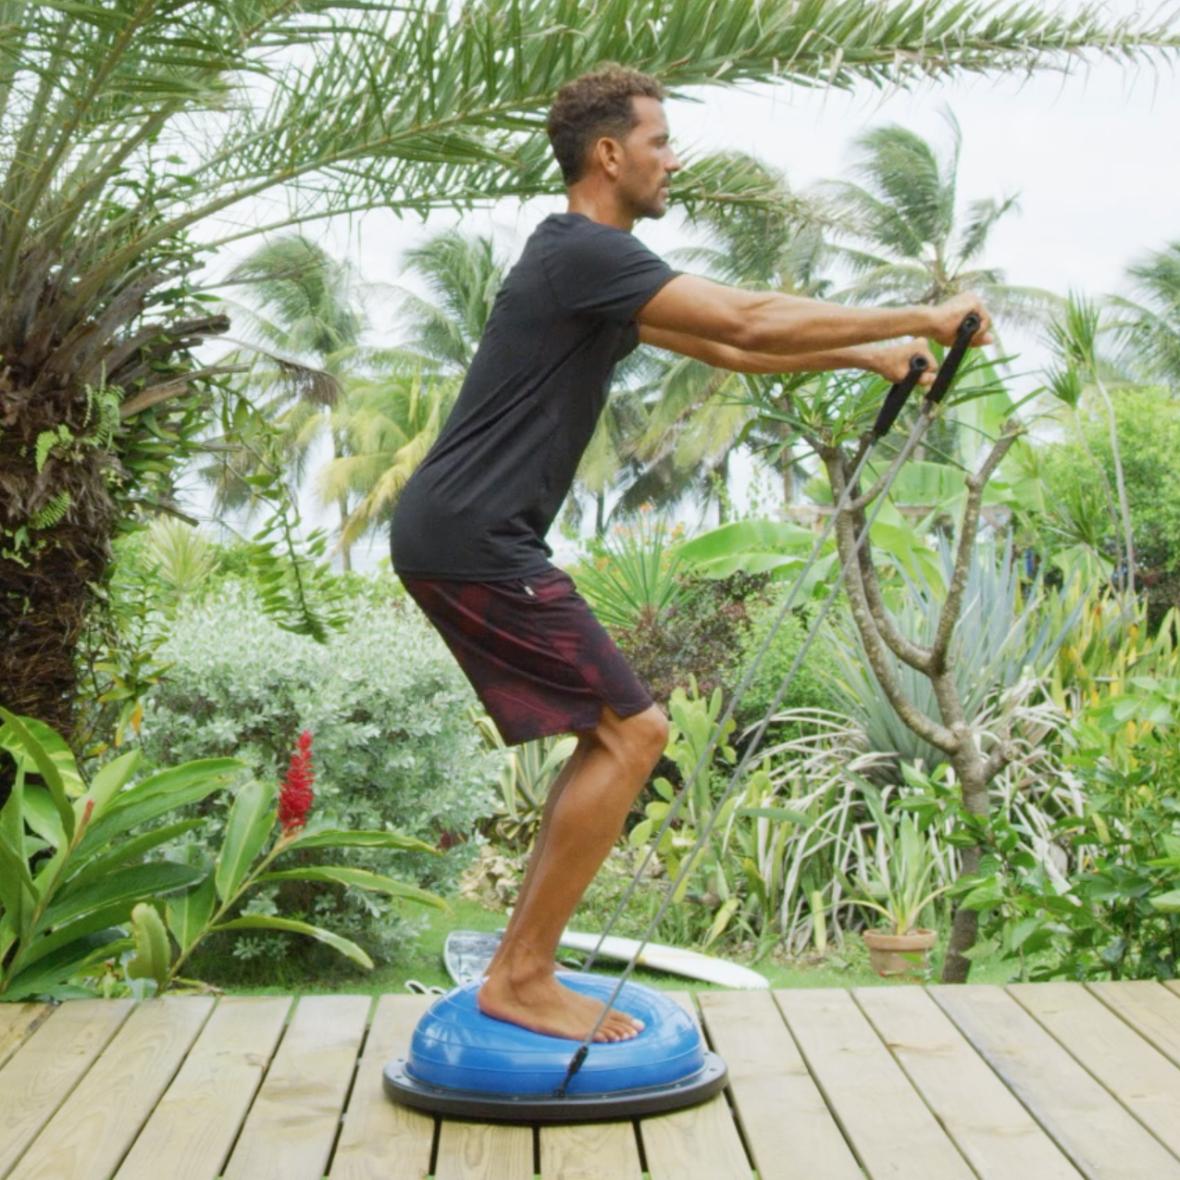 préparation physique pour surfeur bosu ball